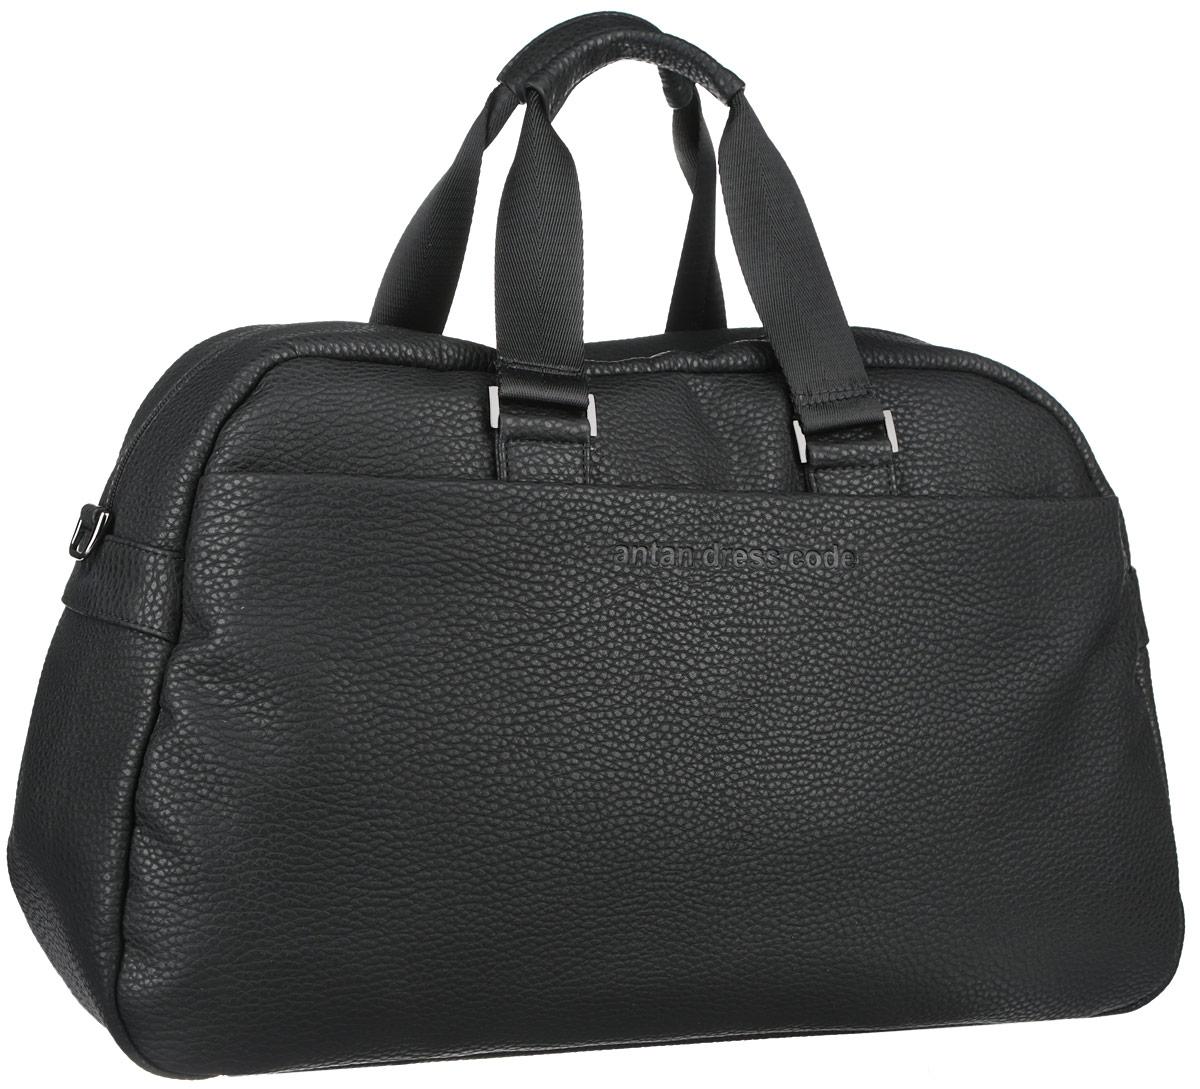 165339930797 Сумка дорожная Antan, цвет: черный, графитовый. 2-246 — купить в  интернет-магазине OZON.ru с быстрой доставкой